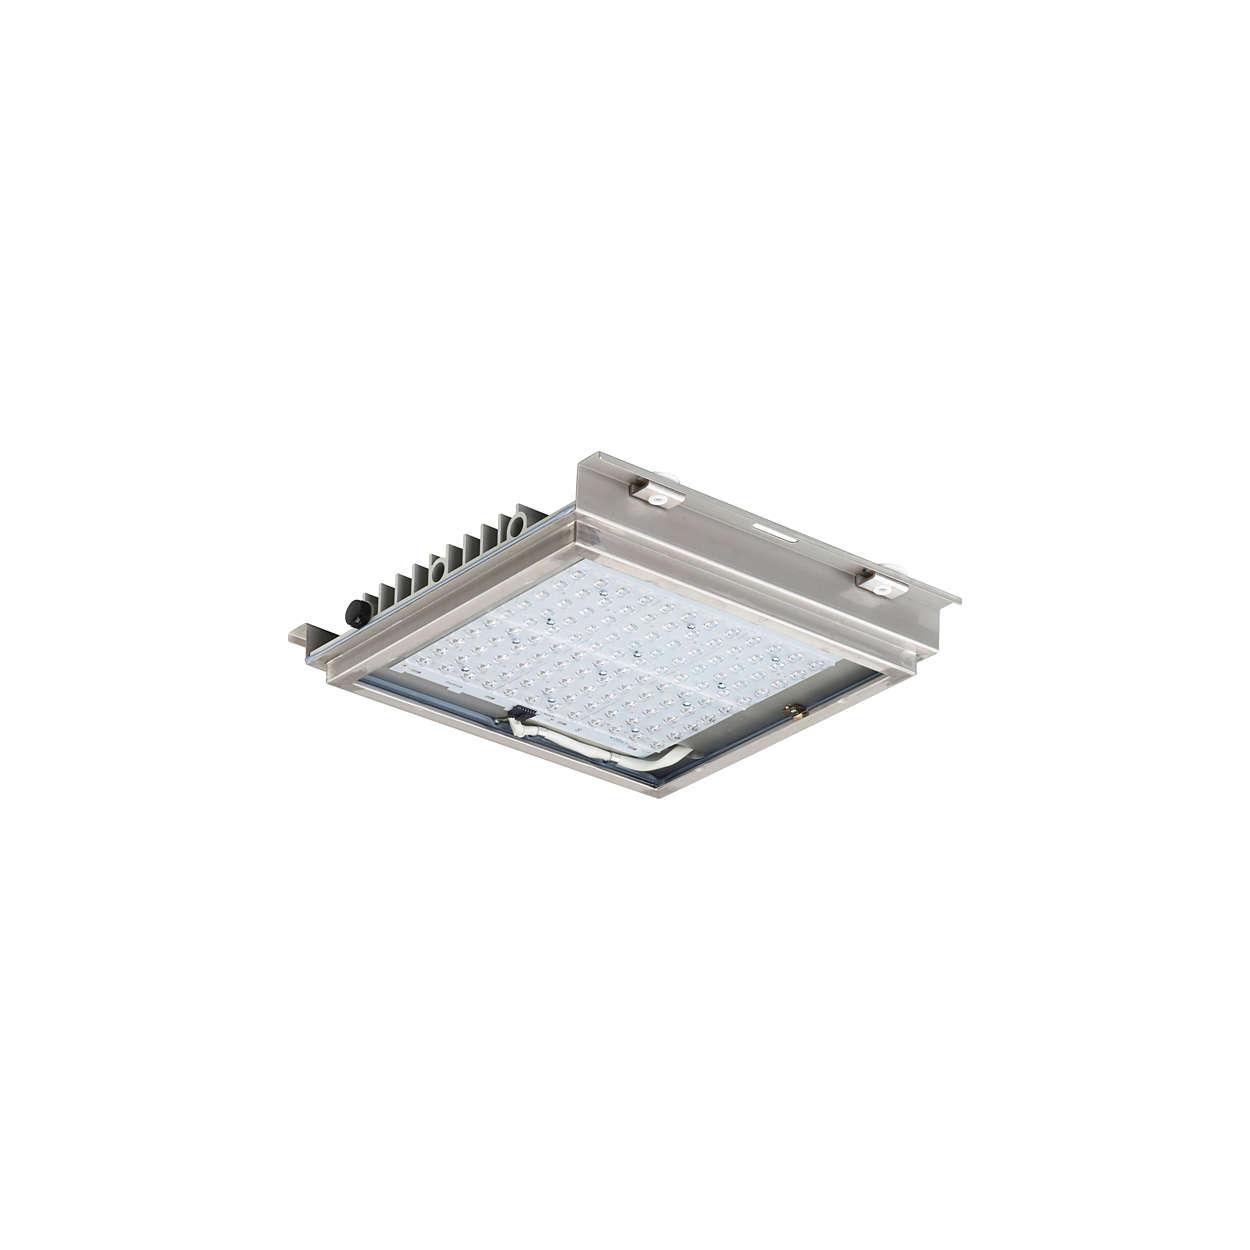 FlowStar – LED-belysning för tunnelöppning och som punktbelysning i tunnel